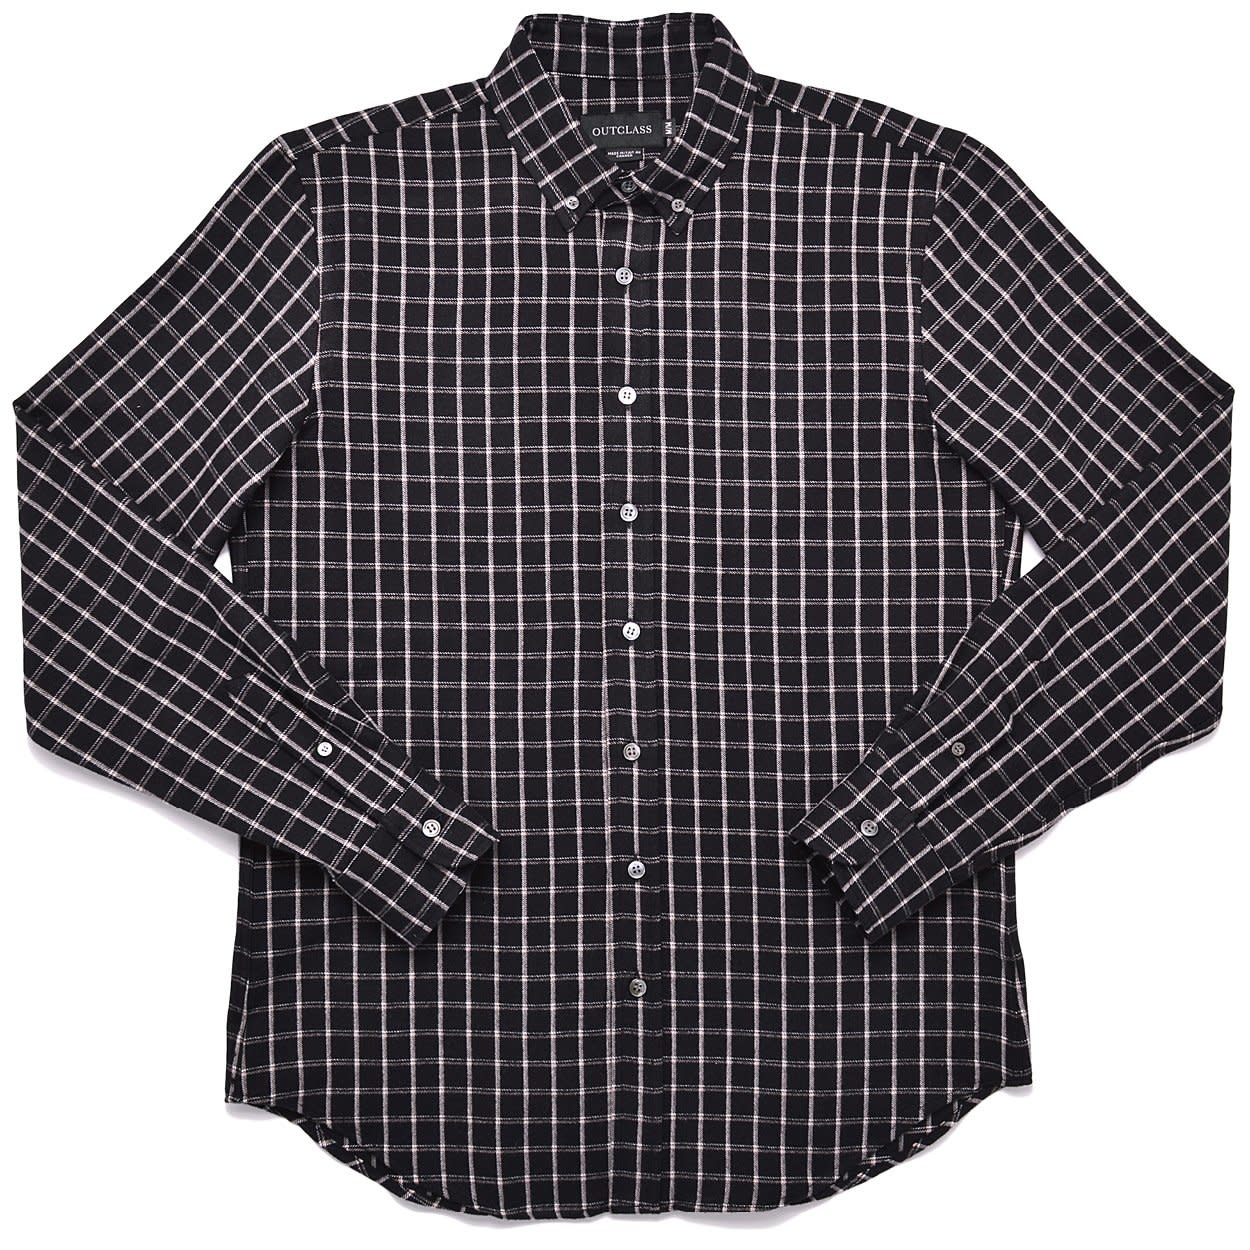 Outclass Wool Blend Flannel Shirt